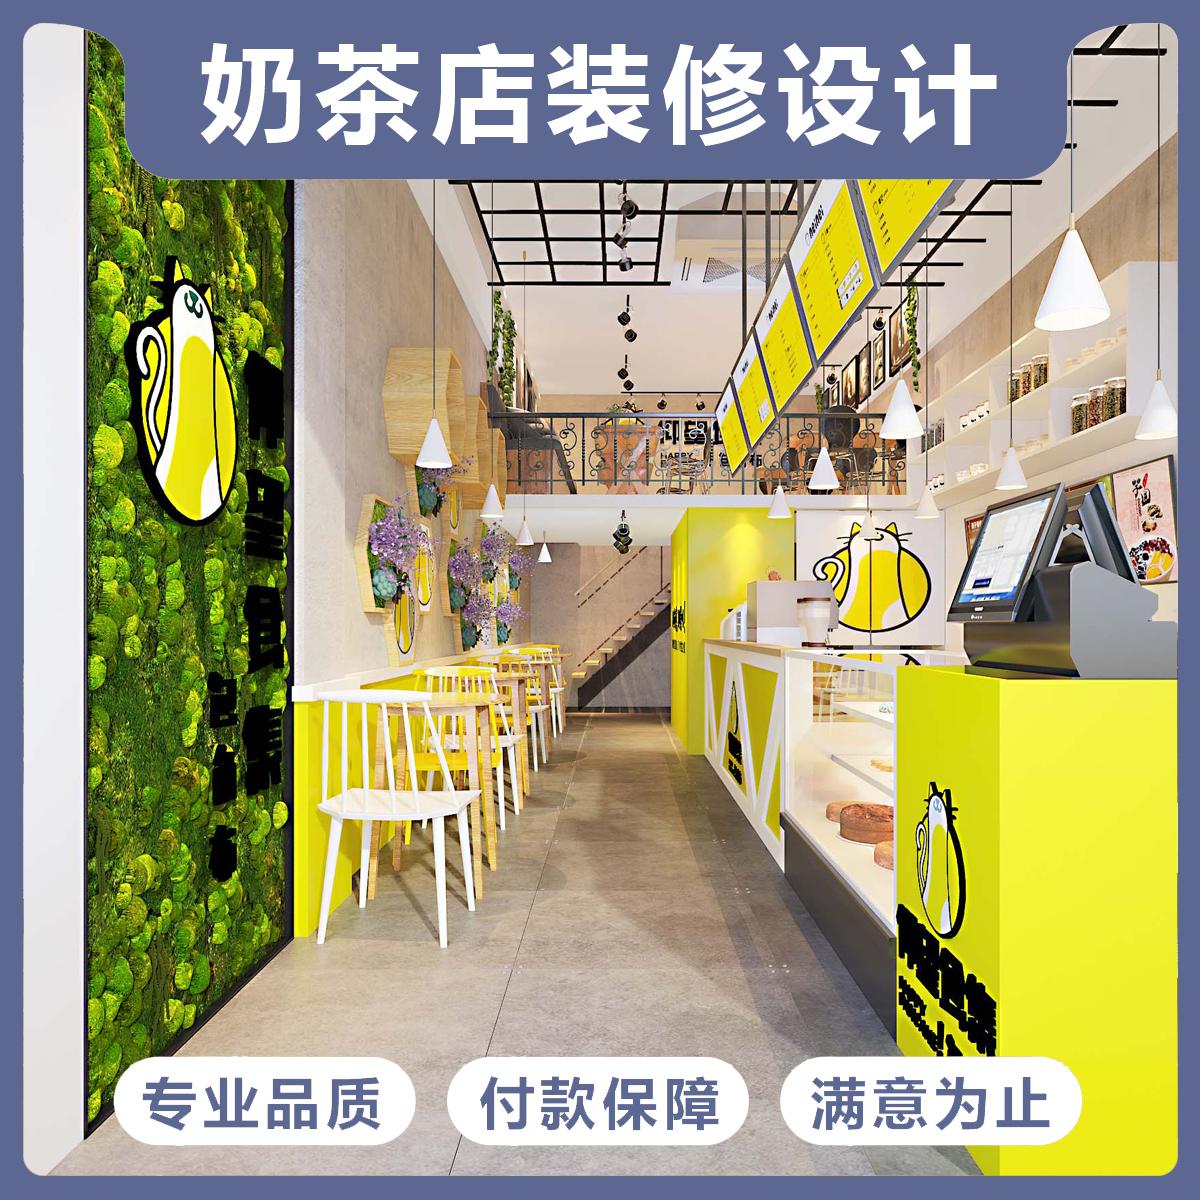 奶茶店装修设计效果图 室内吧台网红小店面汉堡复古风咖啡门头